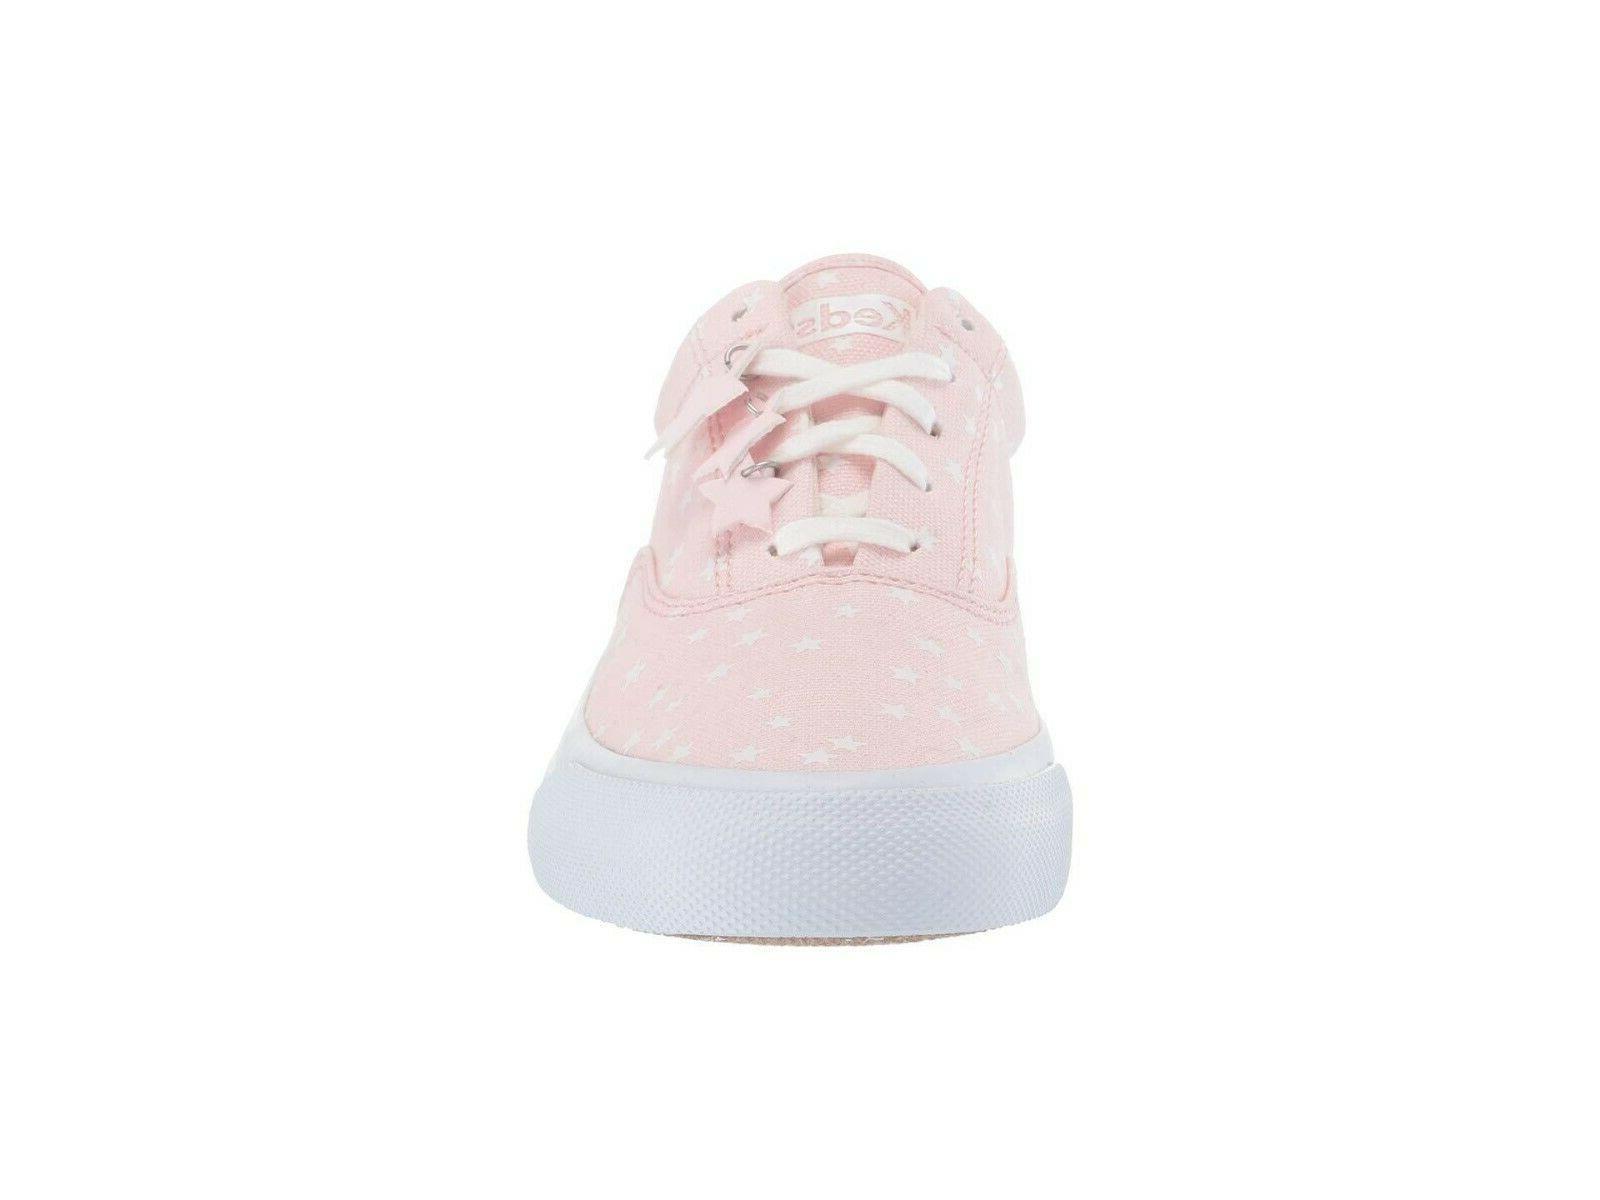 Keds In Dark Sneakers, Pink